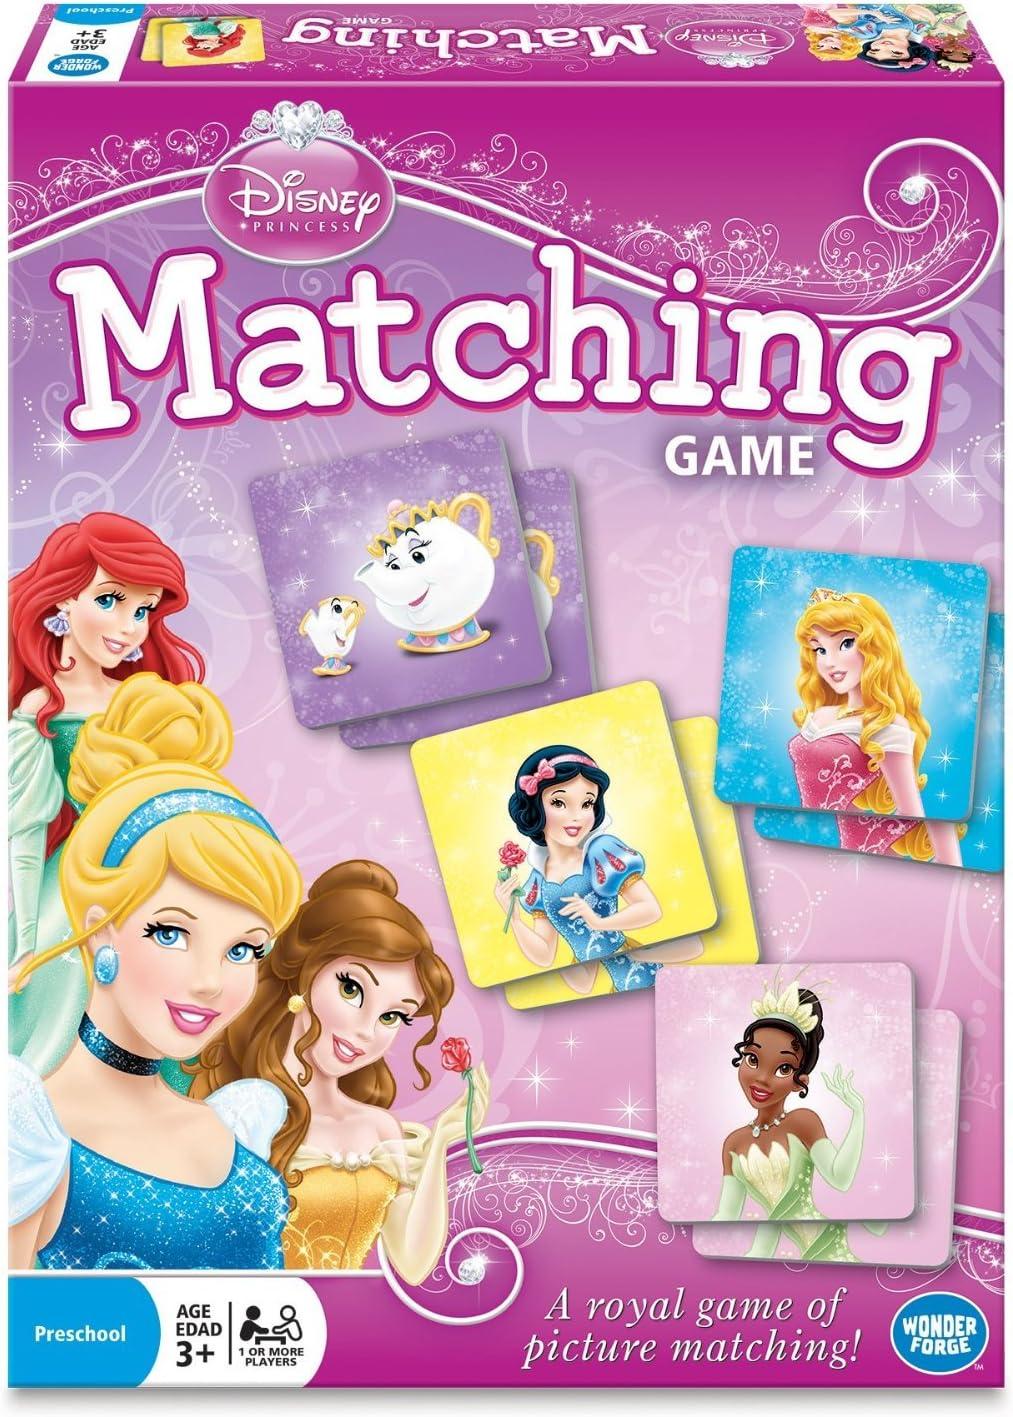 Wonder Forge Disney Princess Matching Game For Girls & Boys Original Version